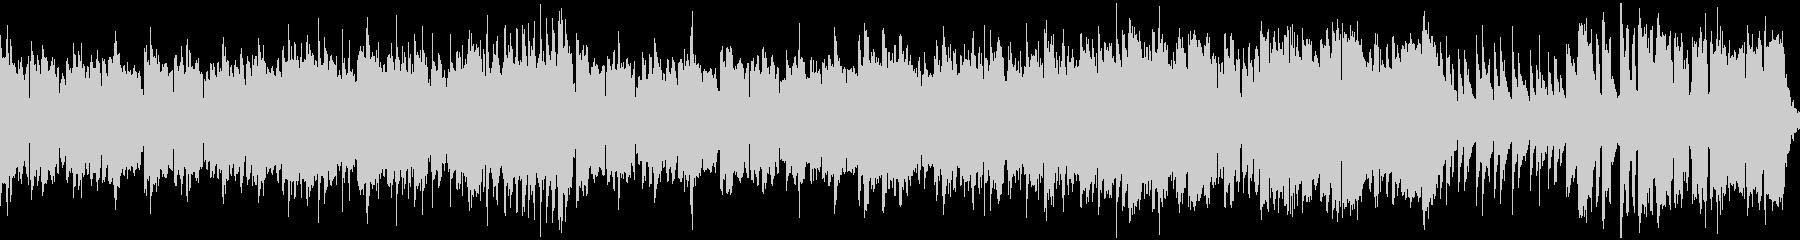 ほのぼのとした中世トラッド・ループの未再生の波形